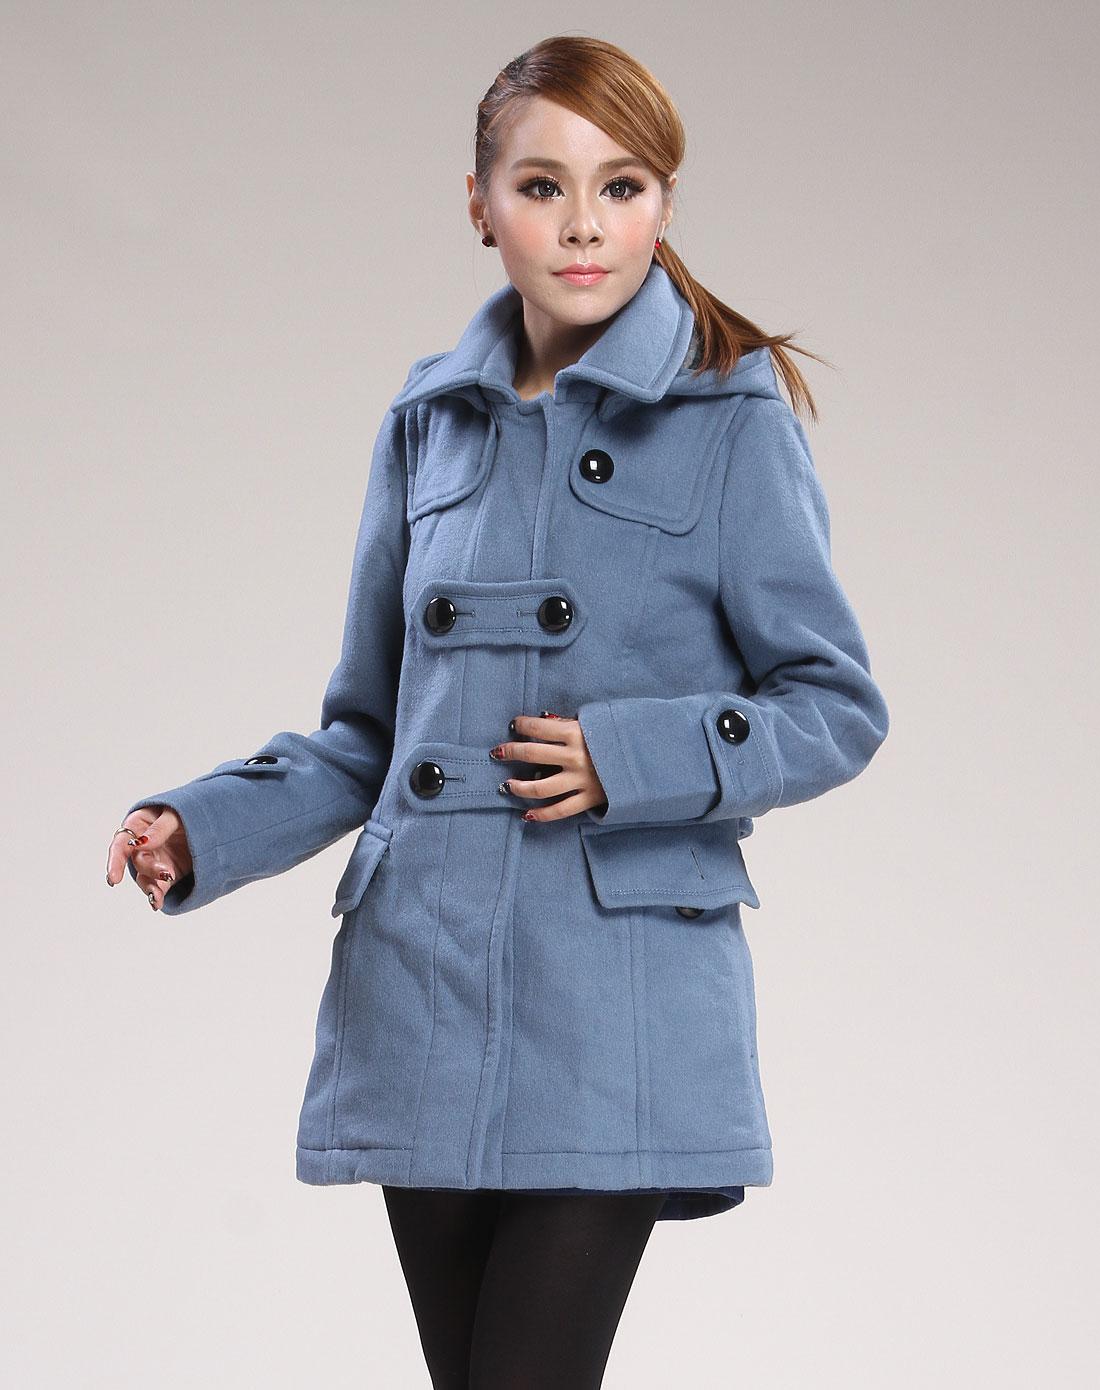 湖蓝色连帽休闲长袖大衣